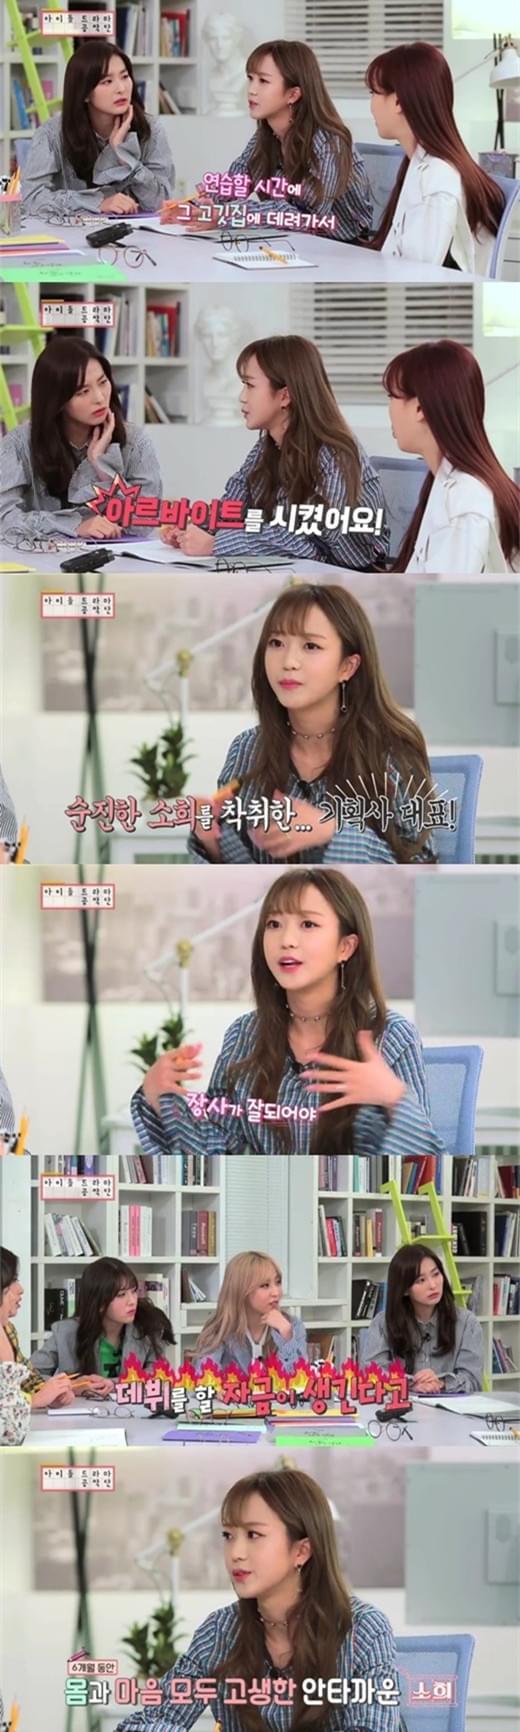 韩女星自曝被老板逼迫信佛 还遭公司高管求婚